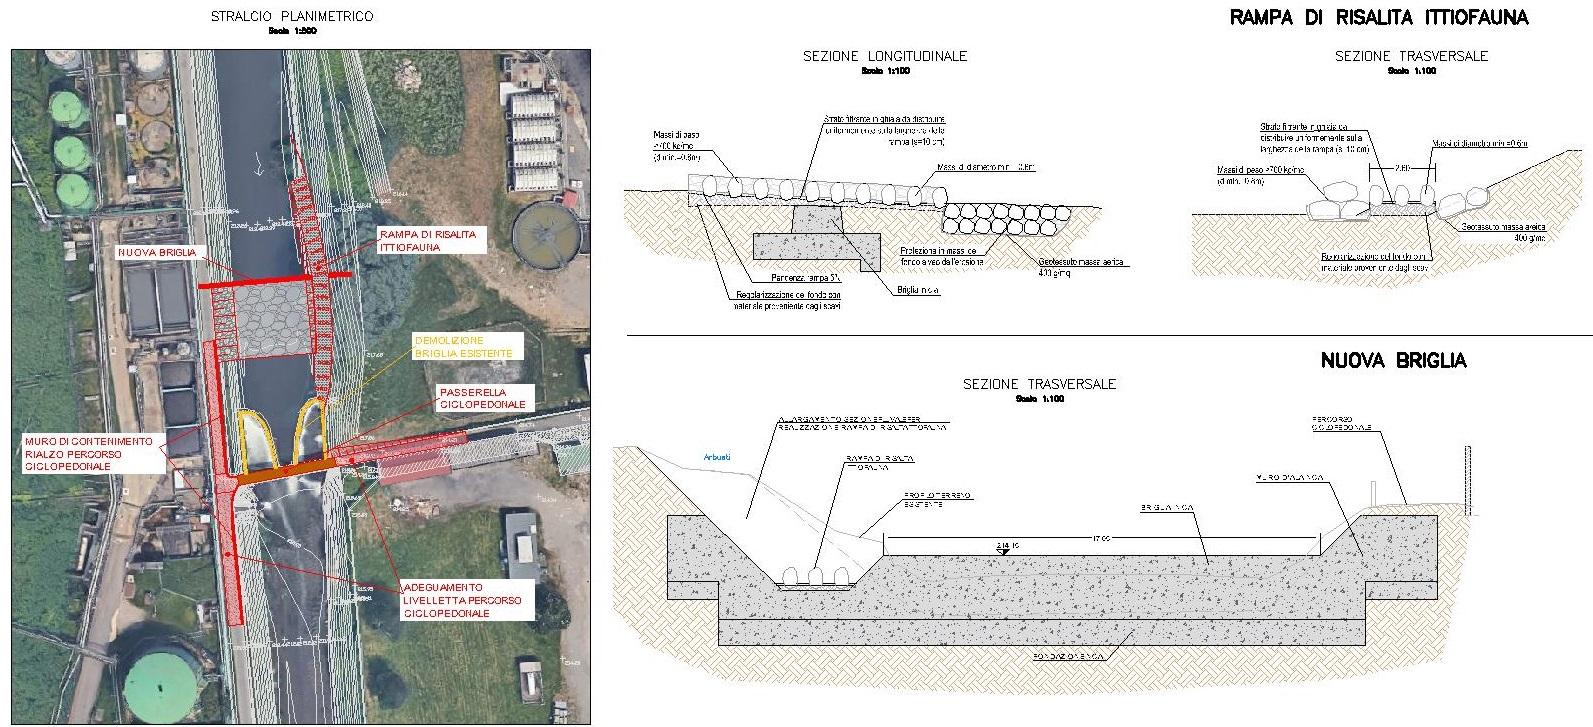 Progetto-seconda-scala-risalita-fauna ittica-su-Fiume-Olona